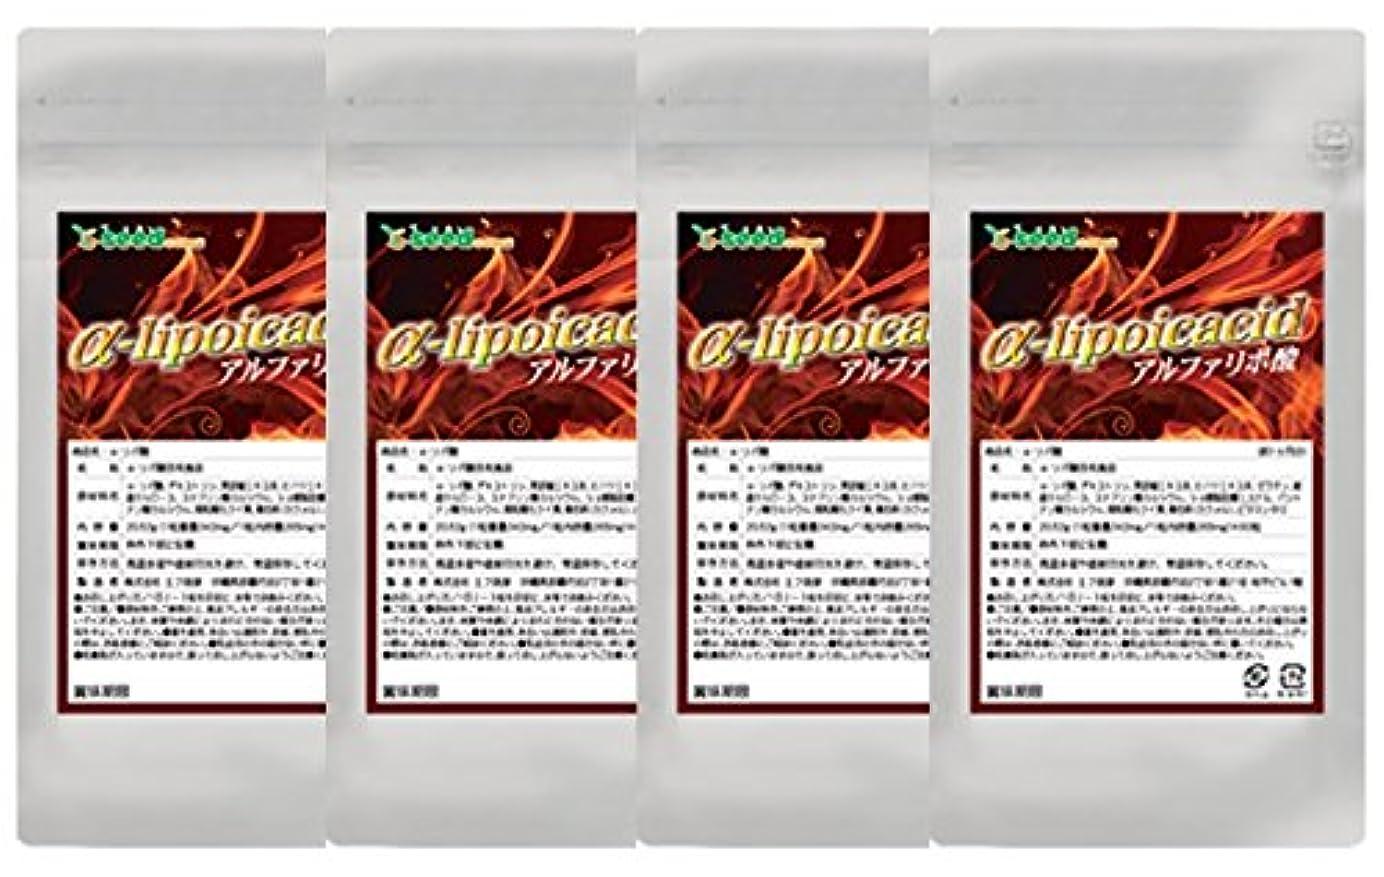 褐色付ける条件付きα-リポ酸 (燃焼系ダイエットのサポート) (約12ケ月分)